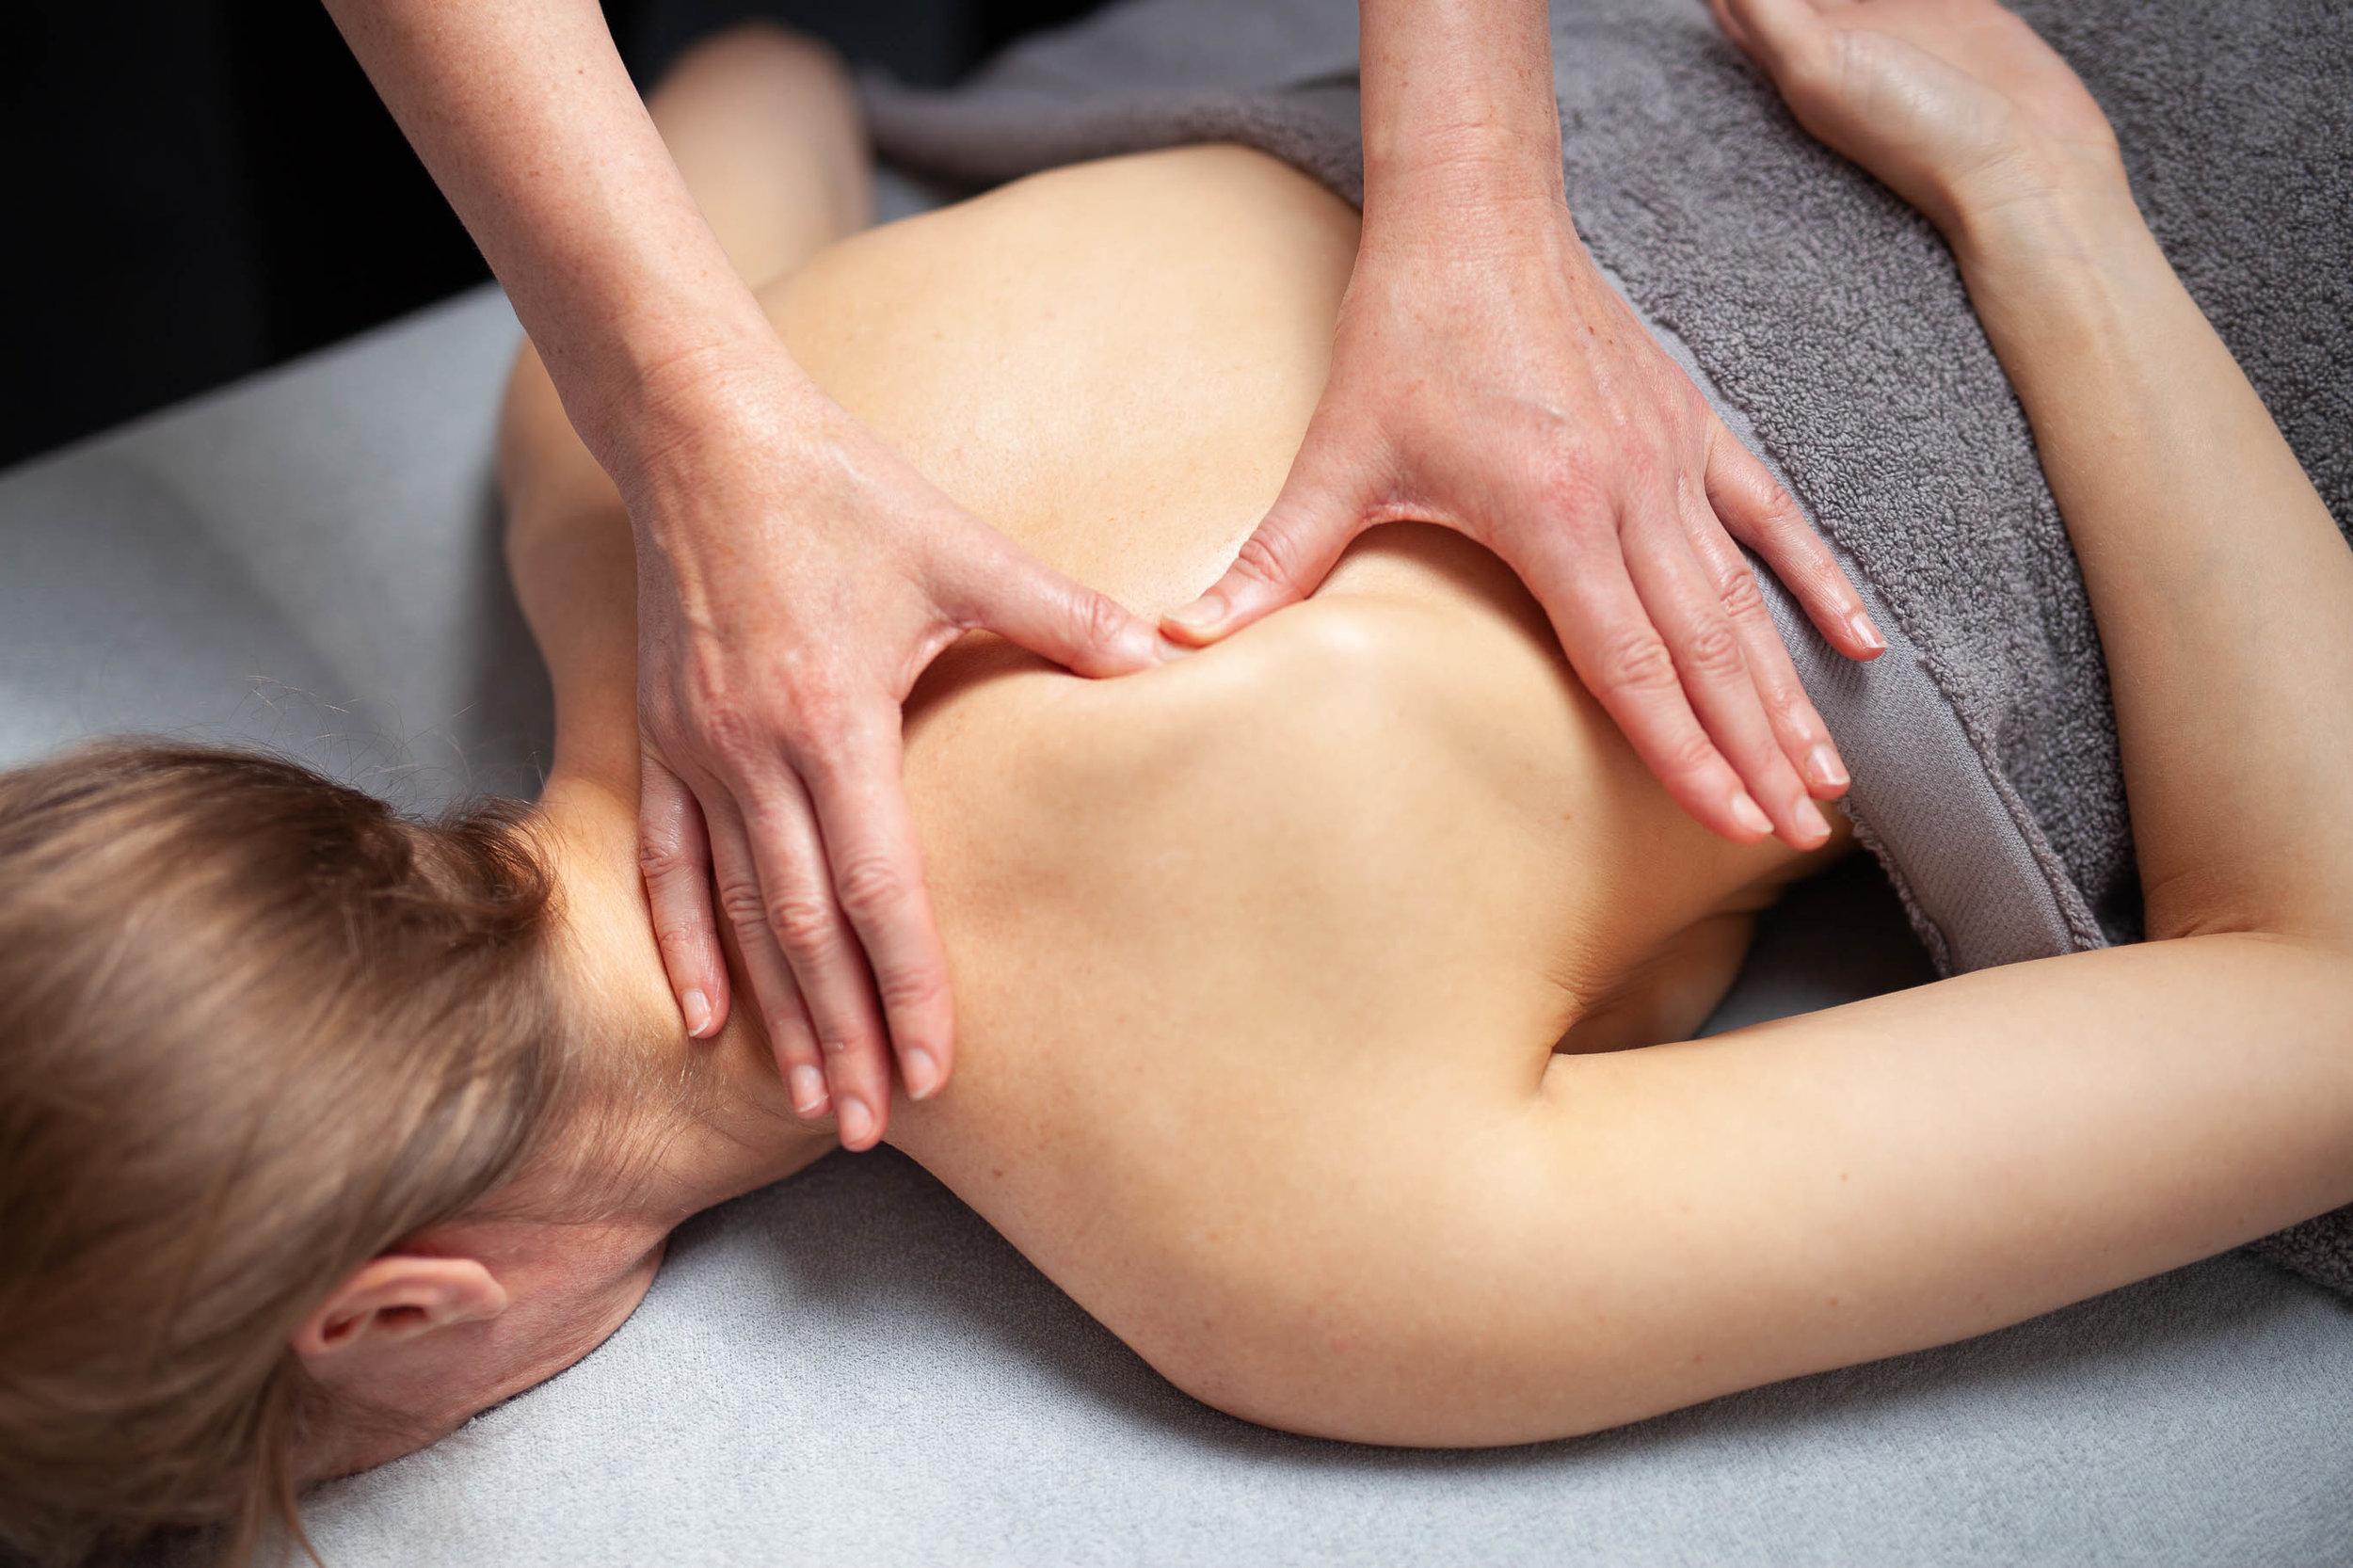 ©natashabidgood-lisa-massage-6537 (1).jpg